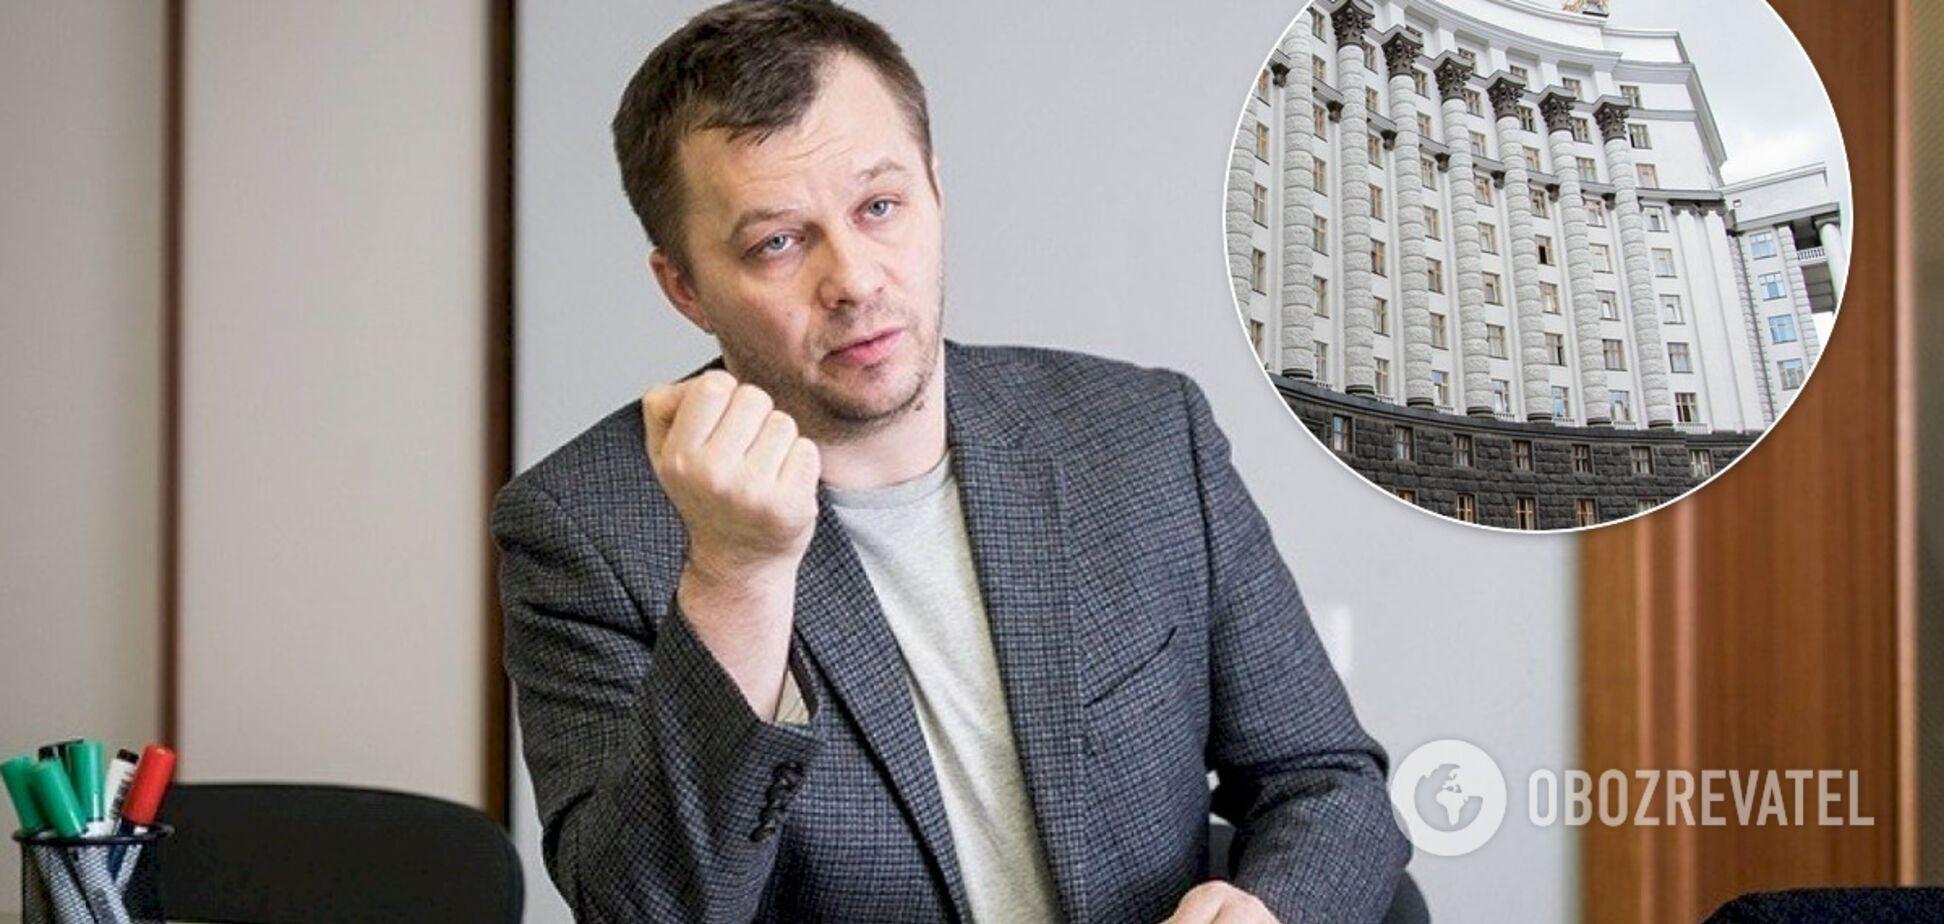 Милованов и Жуковский отказались работать в Кабмине Шмыгаля – источник